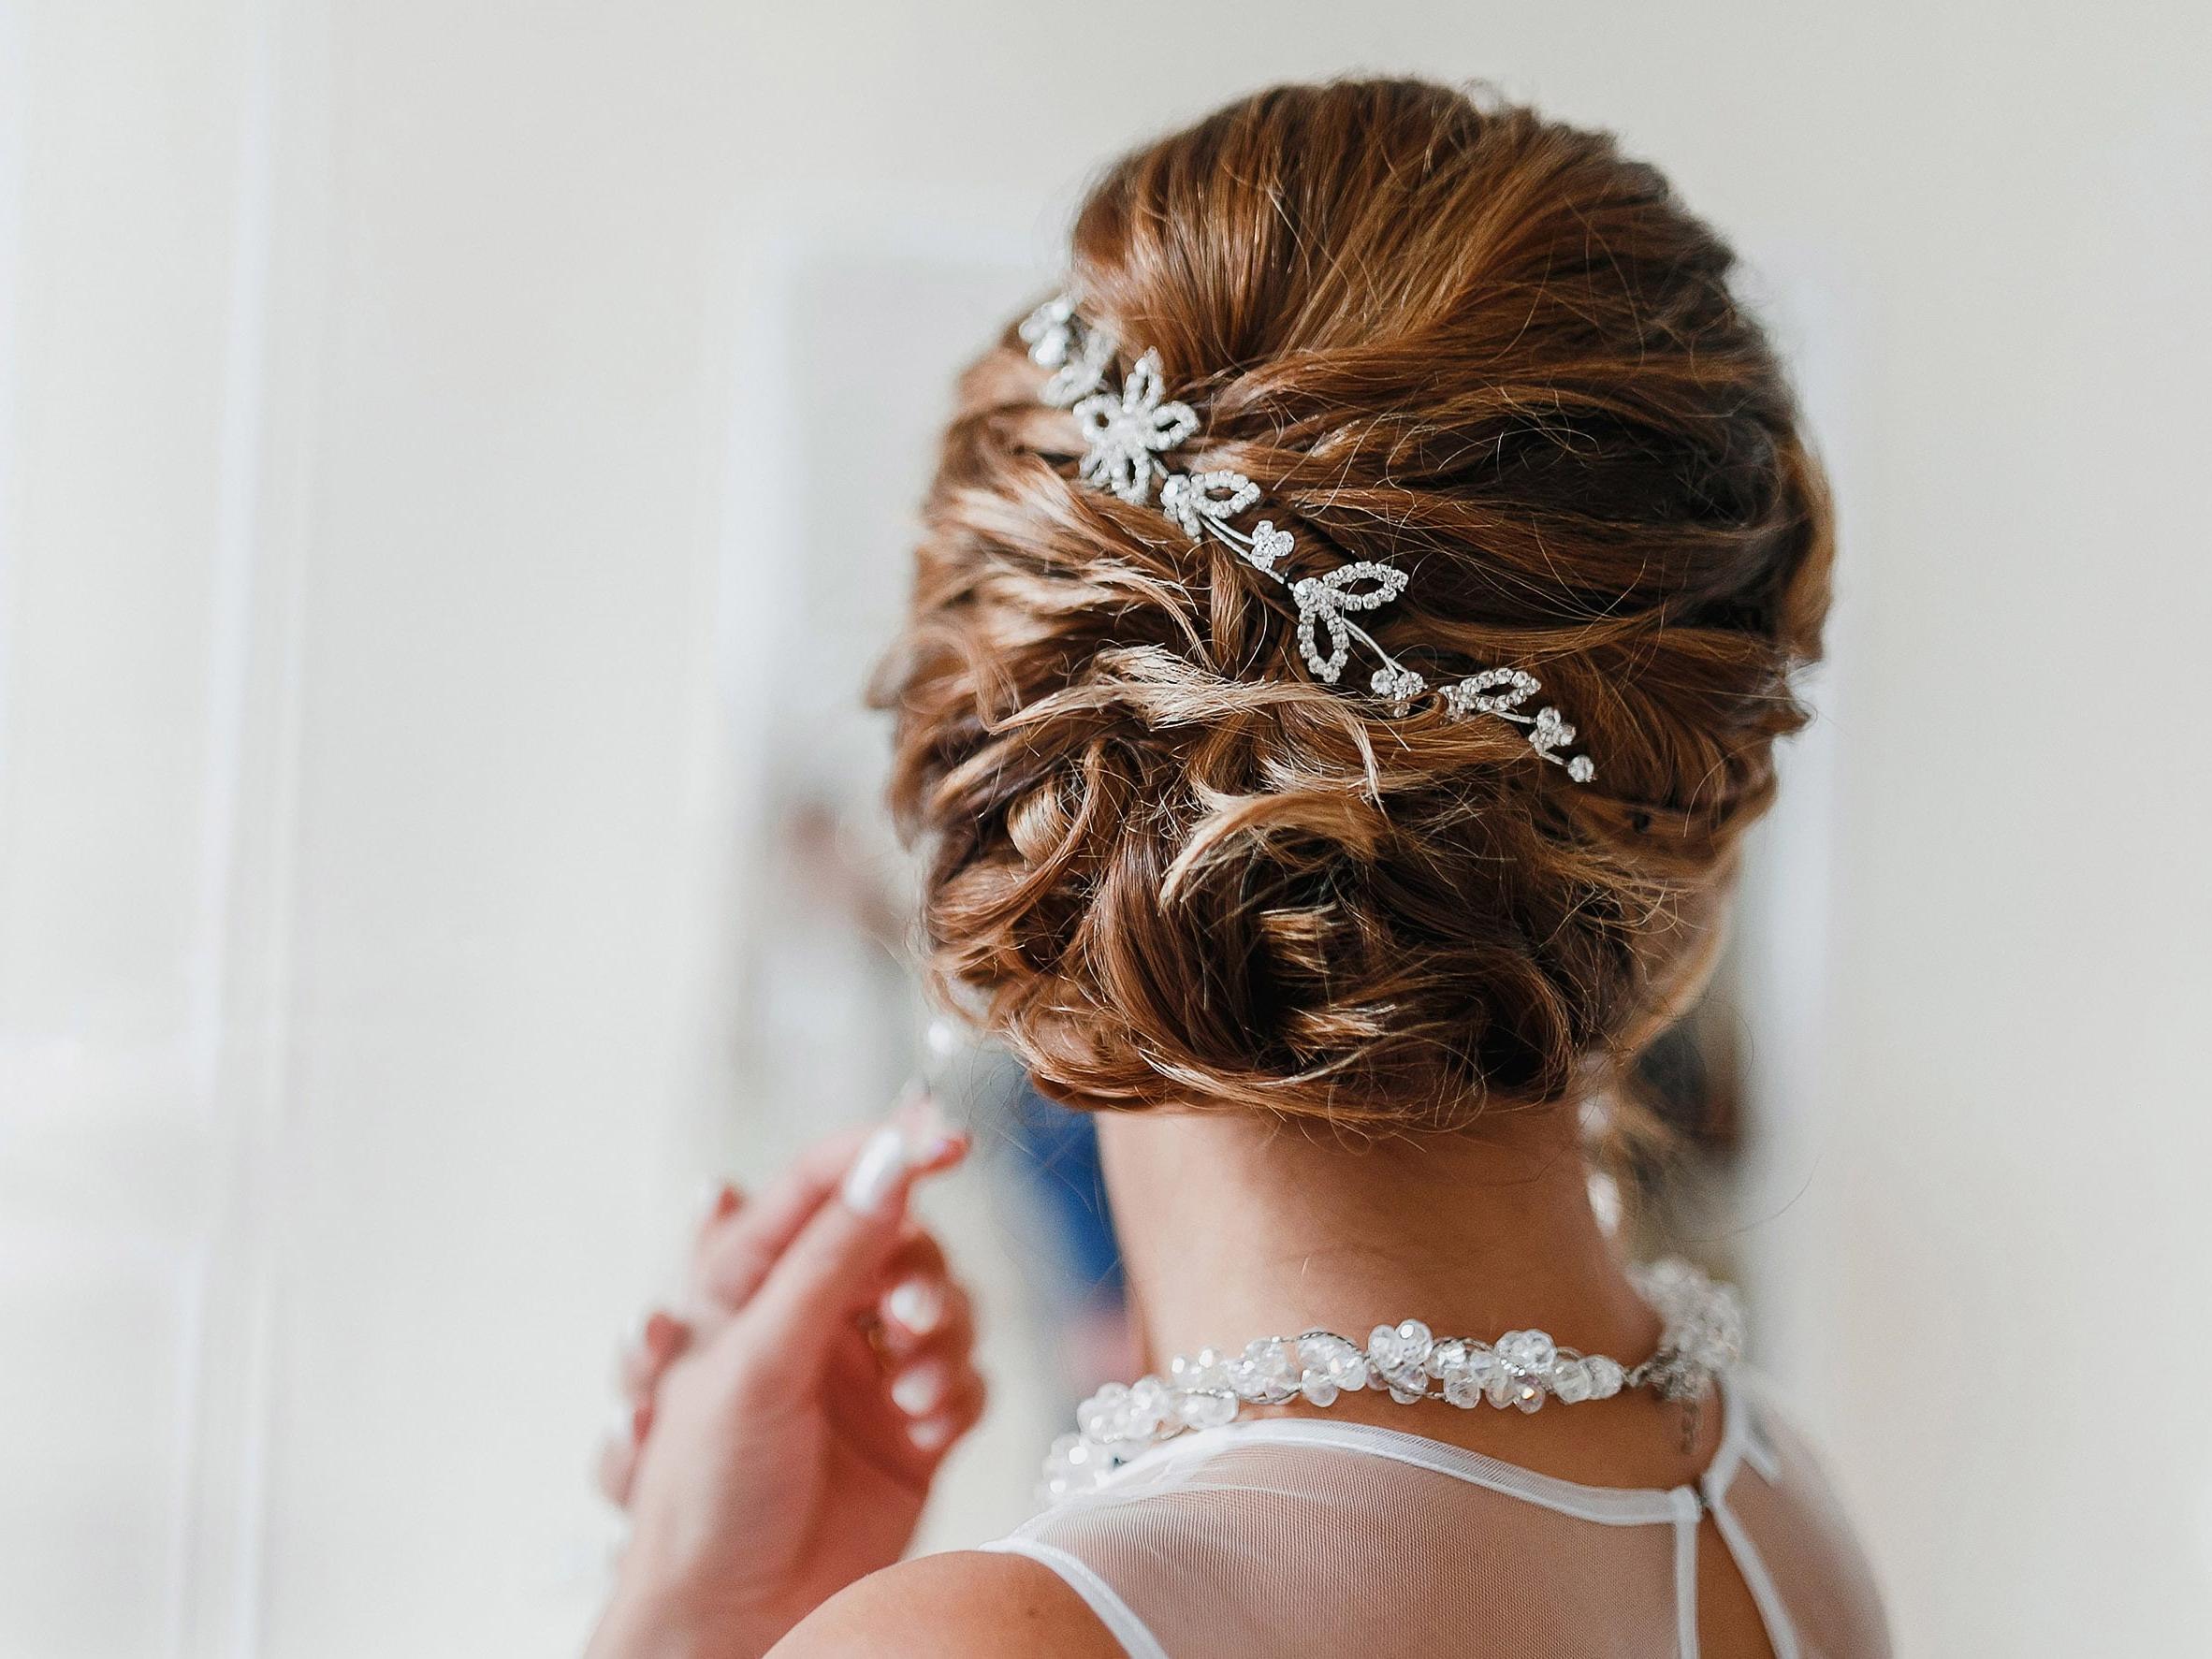 16+ Kit coiffure mariage idees en 2021